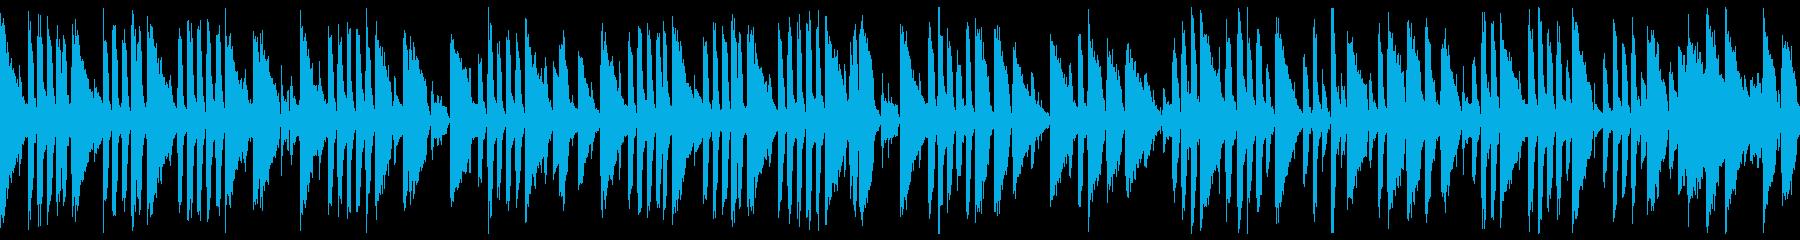 Jazz Piano - Rain, melancholy, dark (loop)'s reproduced waveform